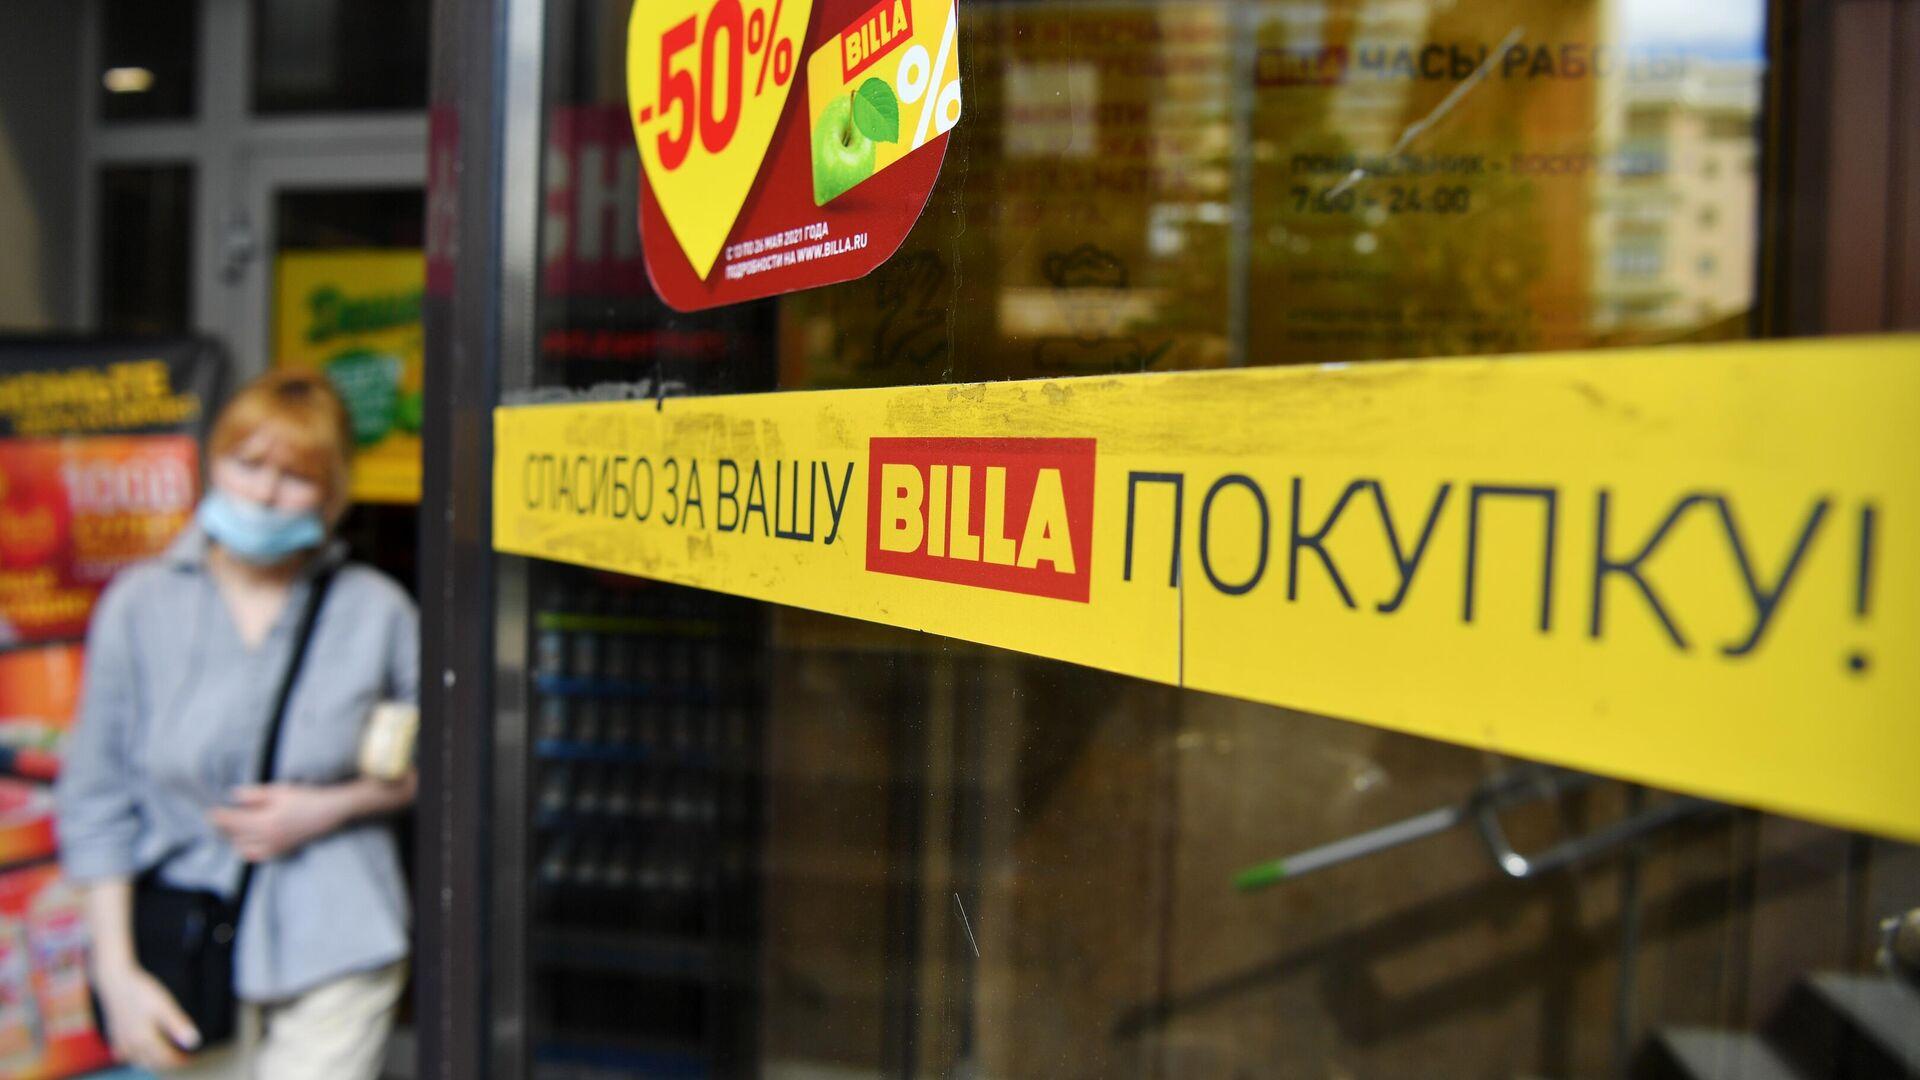 Покупательница выходит из одного из супермаркетов Billa в Москве - РИА Новости, 1920, 19.05.2021